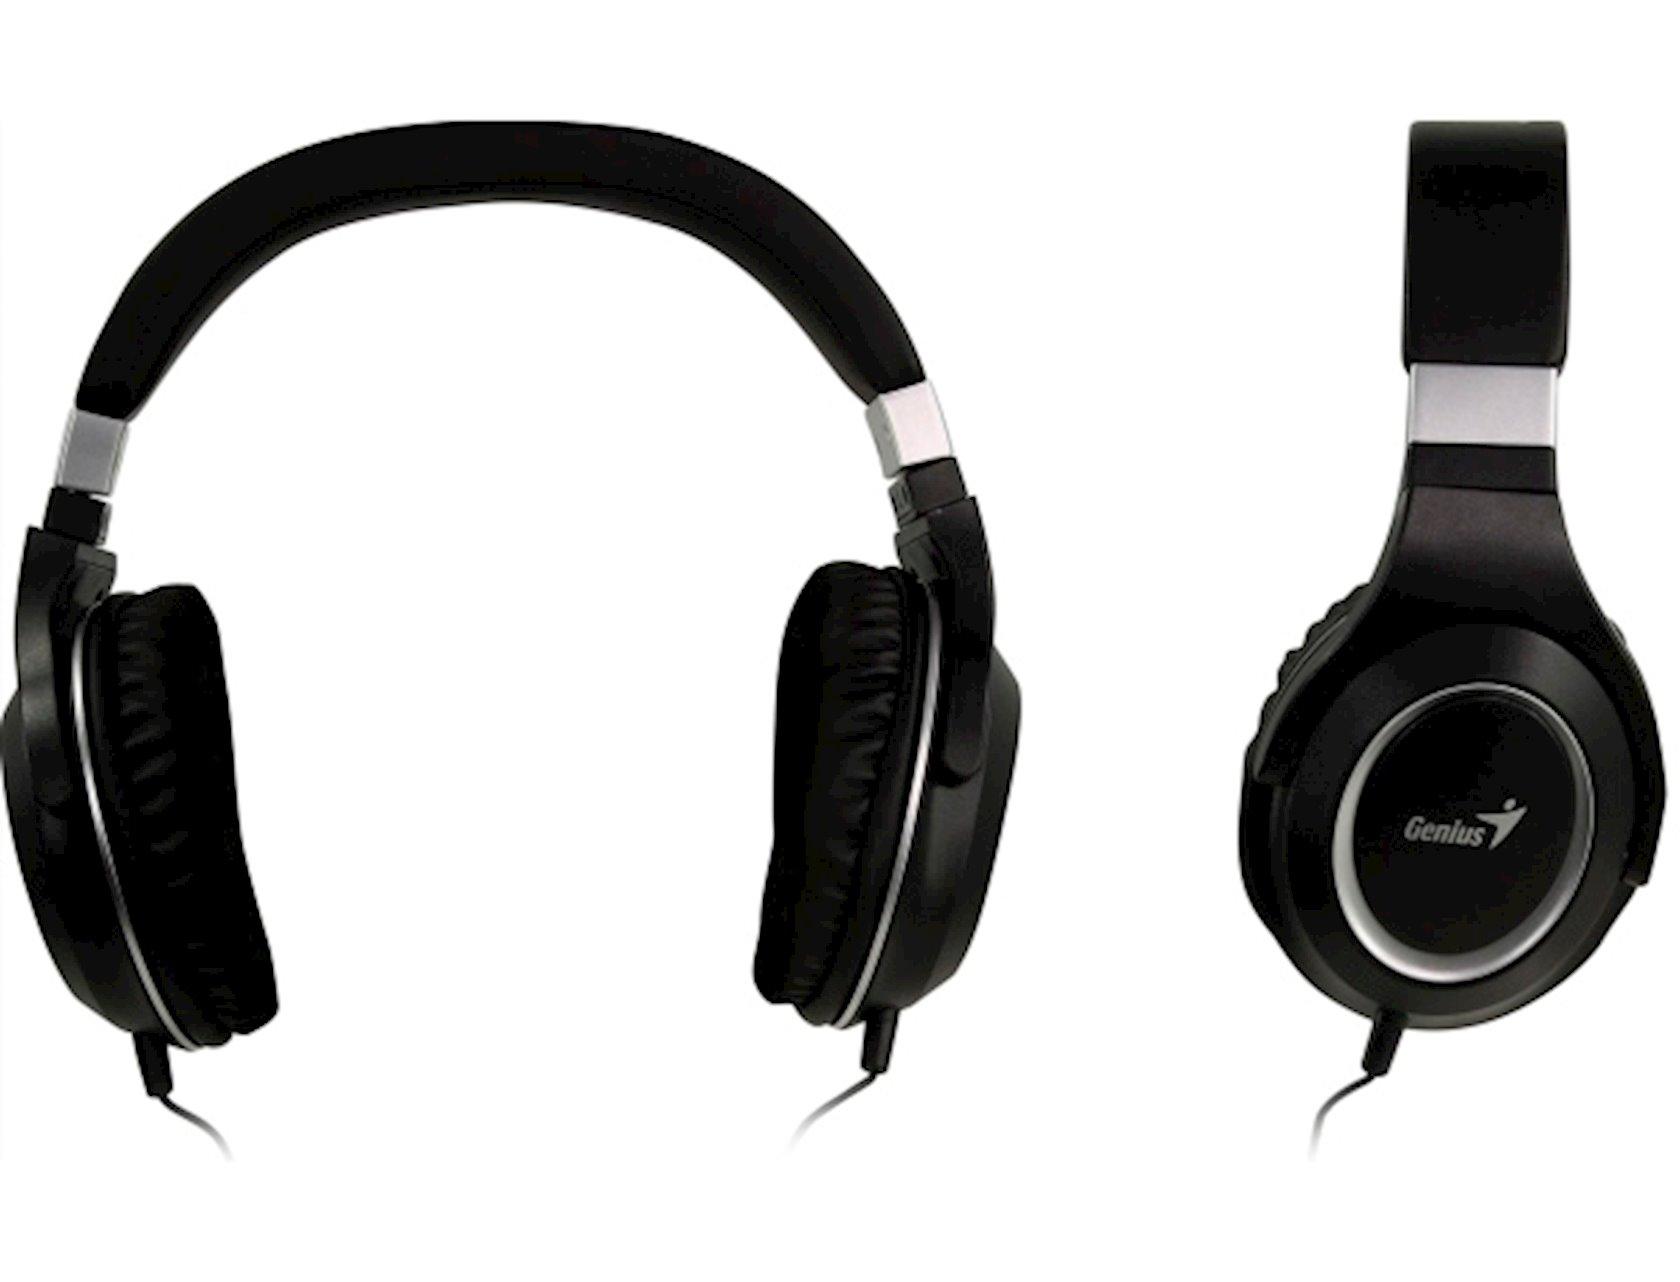 Qulaqlıq-qarnitur Genius HS-610 Black